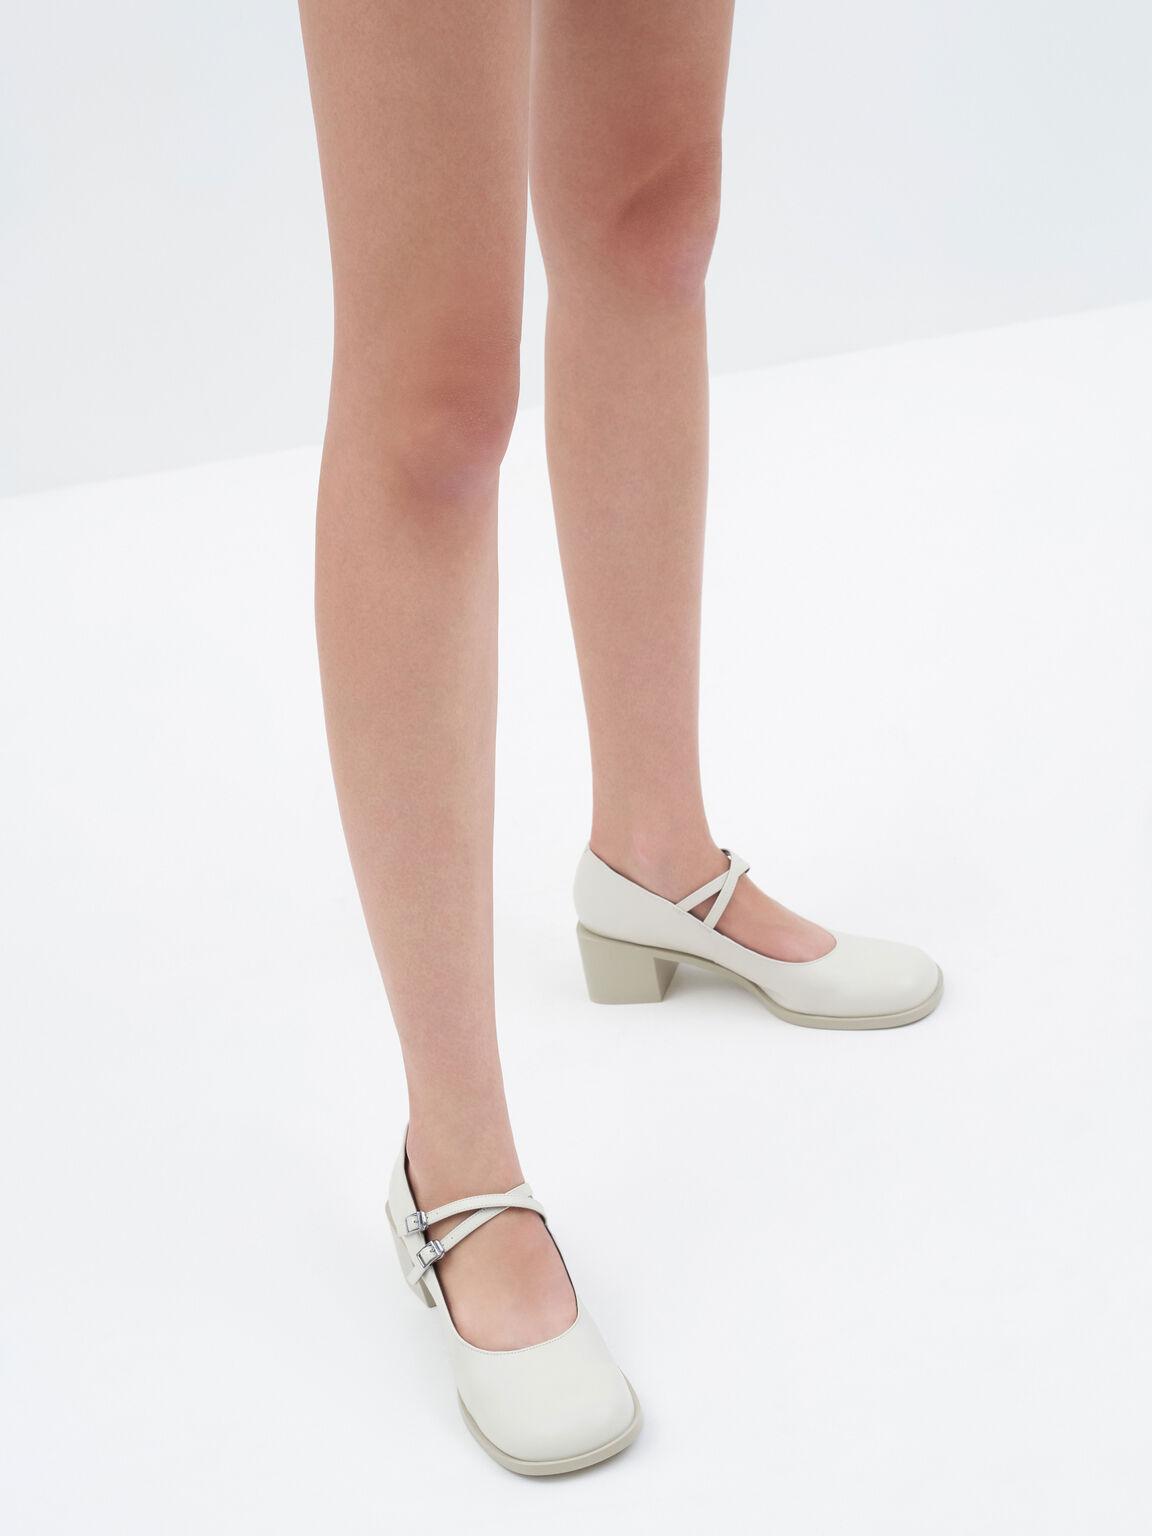 交叉帶瑪莉珍粗跟鞋, 石灰白, hi-res